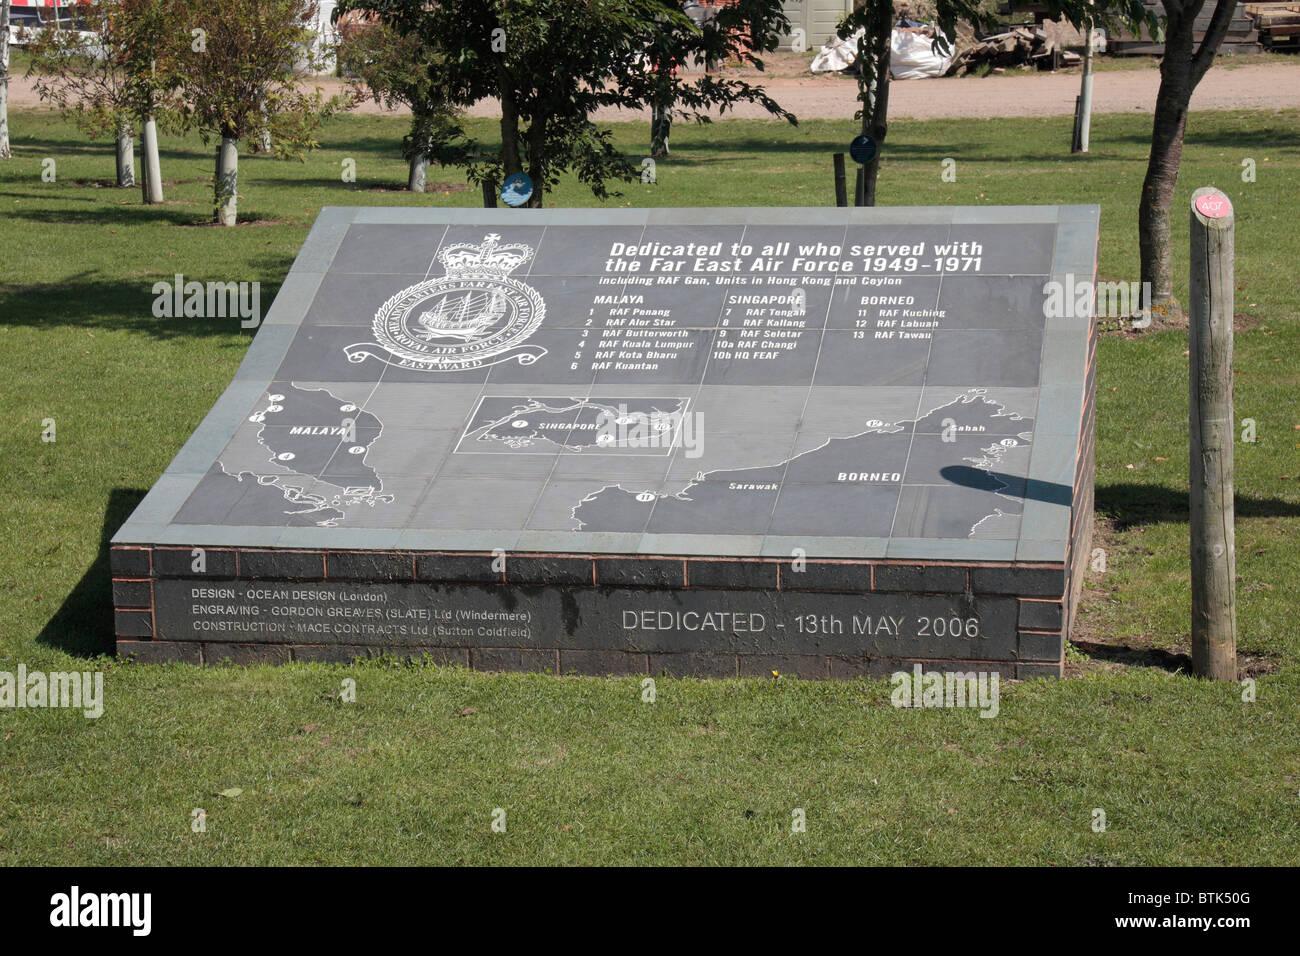 El Far East Air Force Memorial en el National Memorial Arboretum, Alrewas, Reino Unido. Imagen De Stock